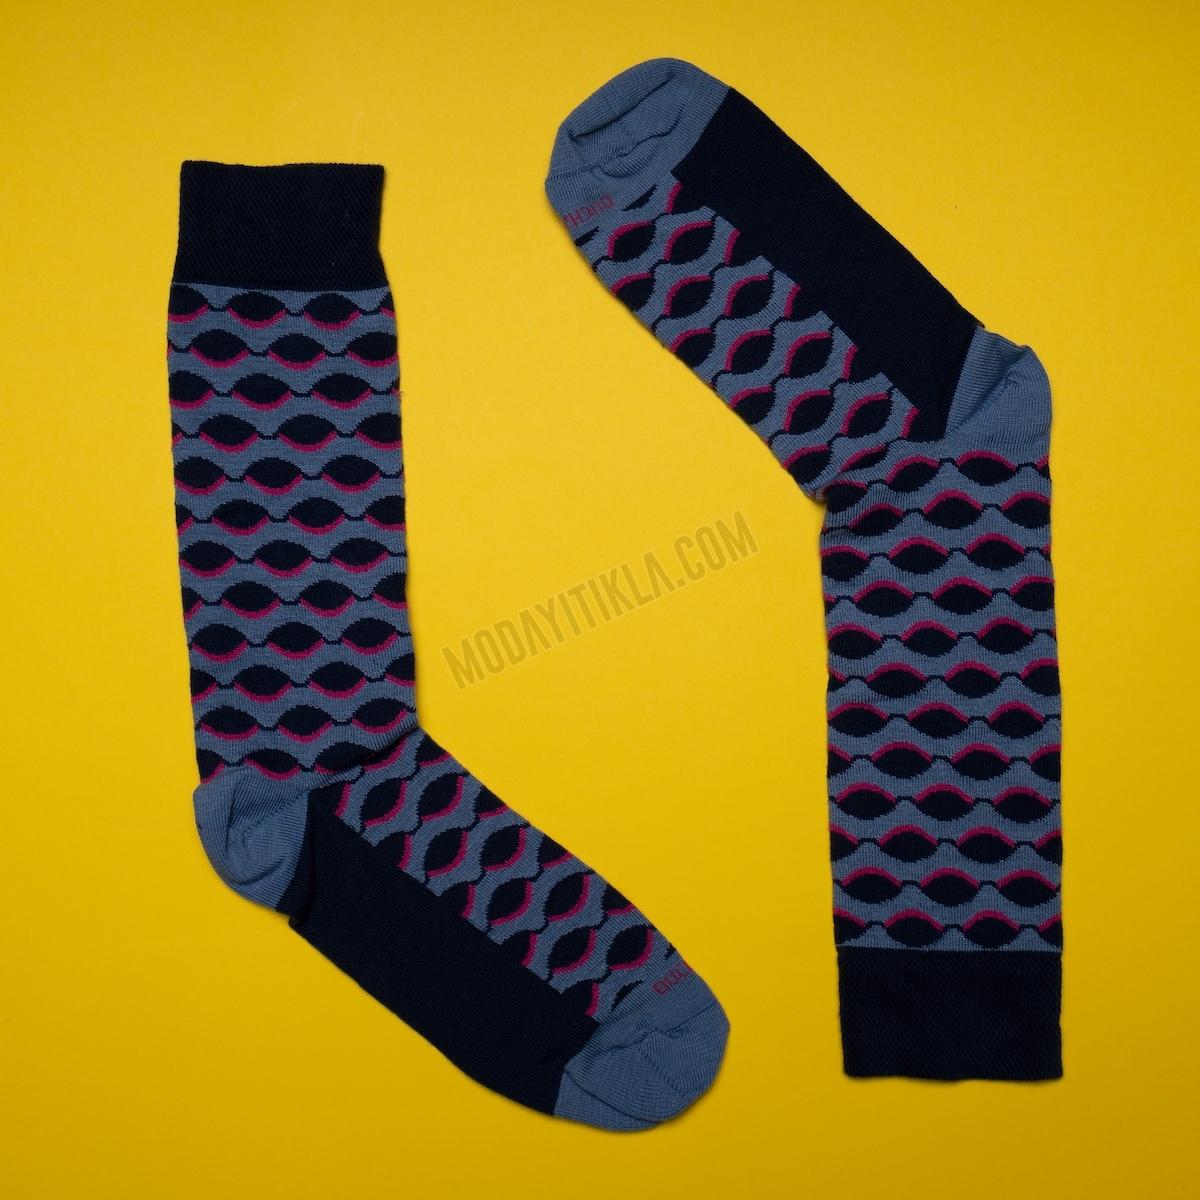 Erkek Oval Desenli Siyah-Mavi Çorap